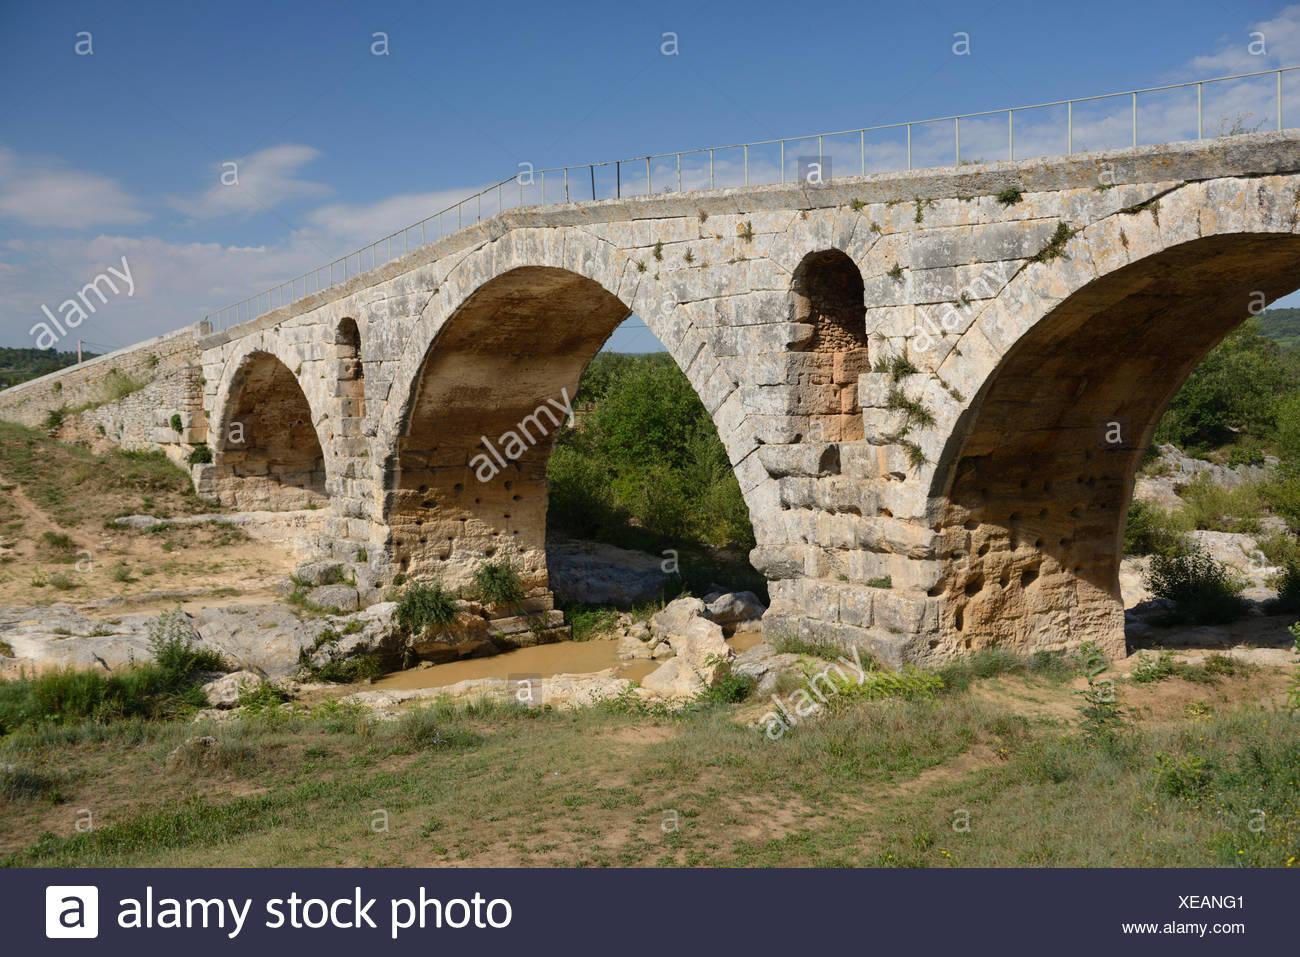 Europe, France, Provence, Pont Julien, roman, bridge, river - Stock Image